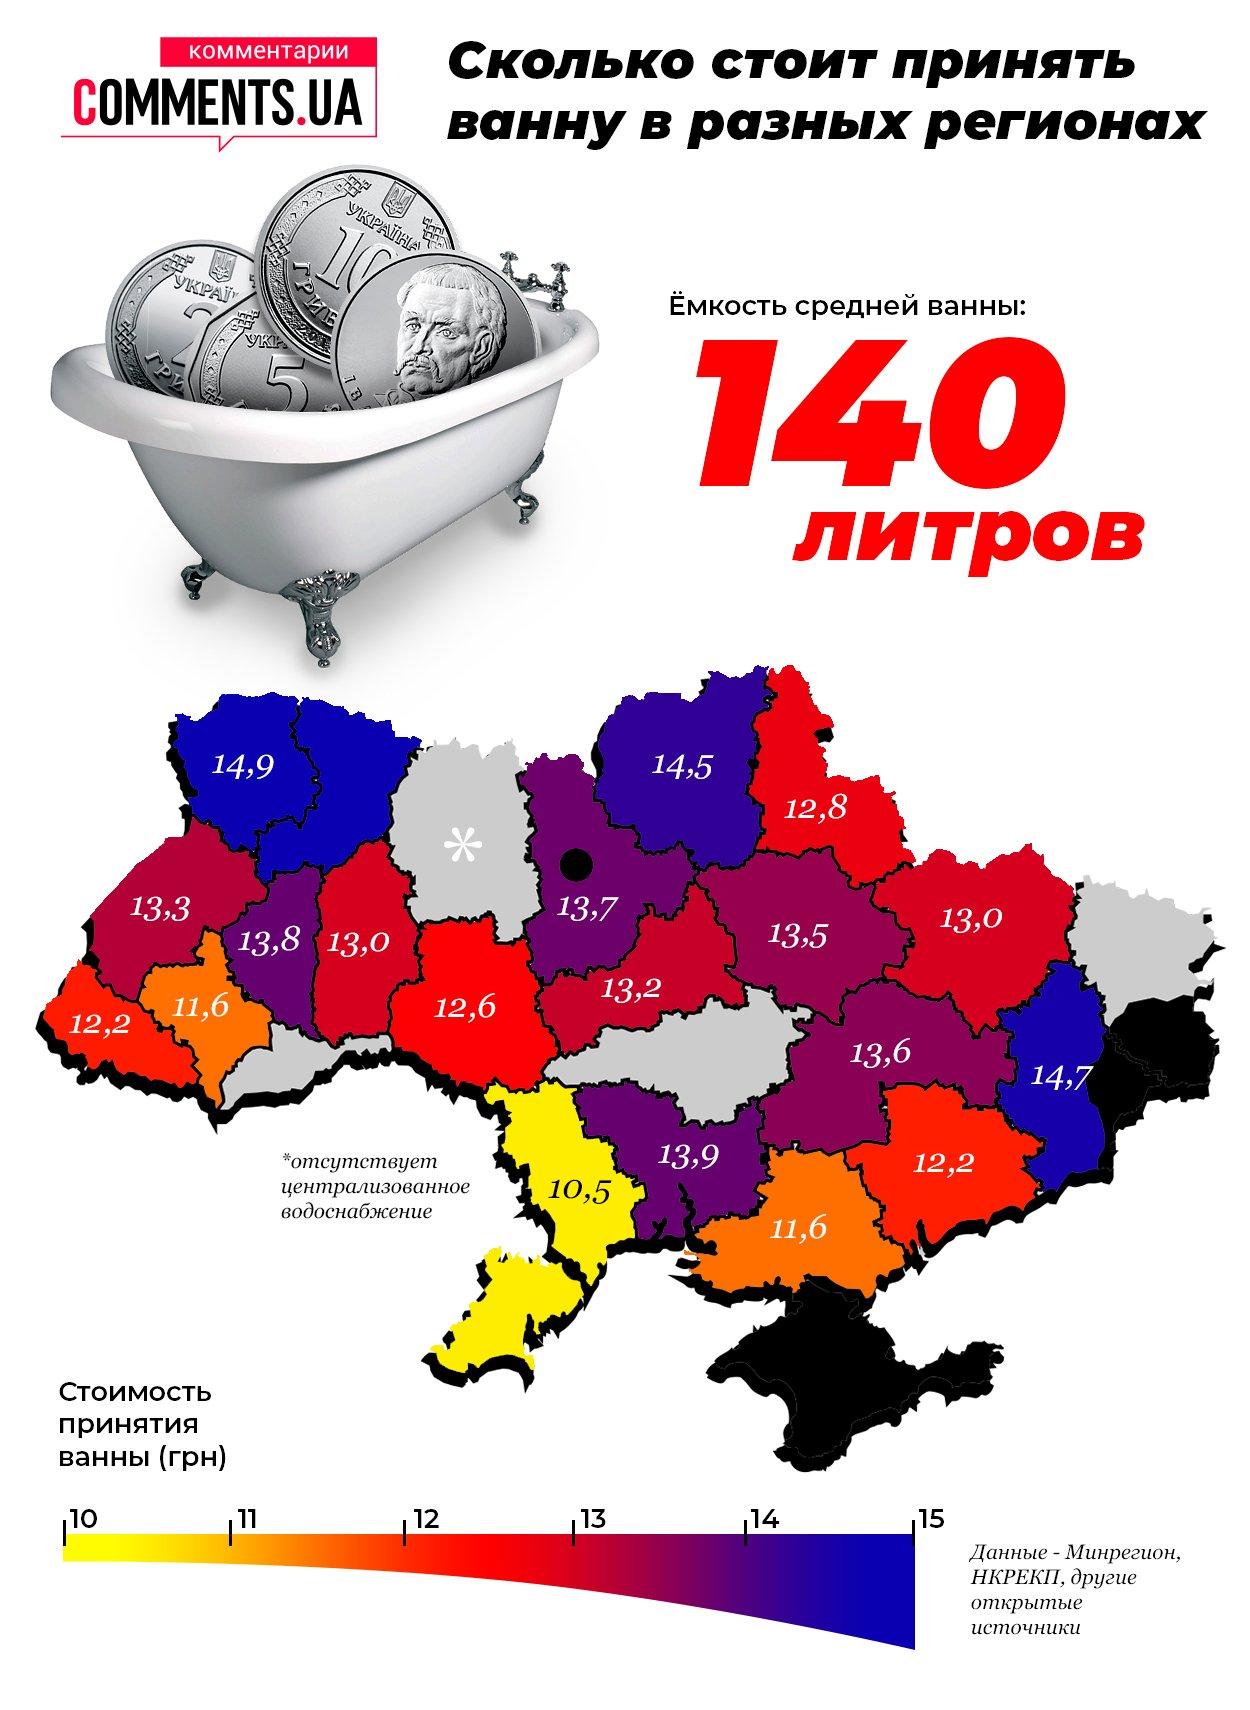 Сколько стоит принять ванну в разных уголках Украины (инфографика)